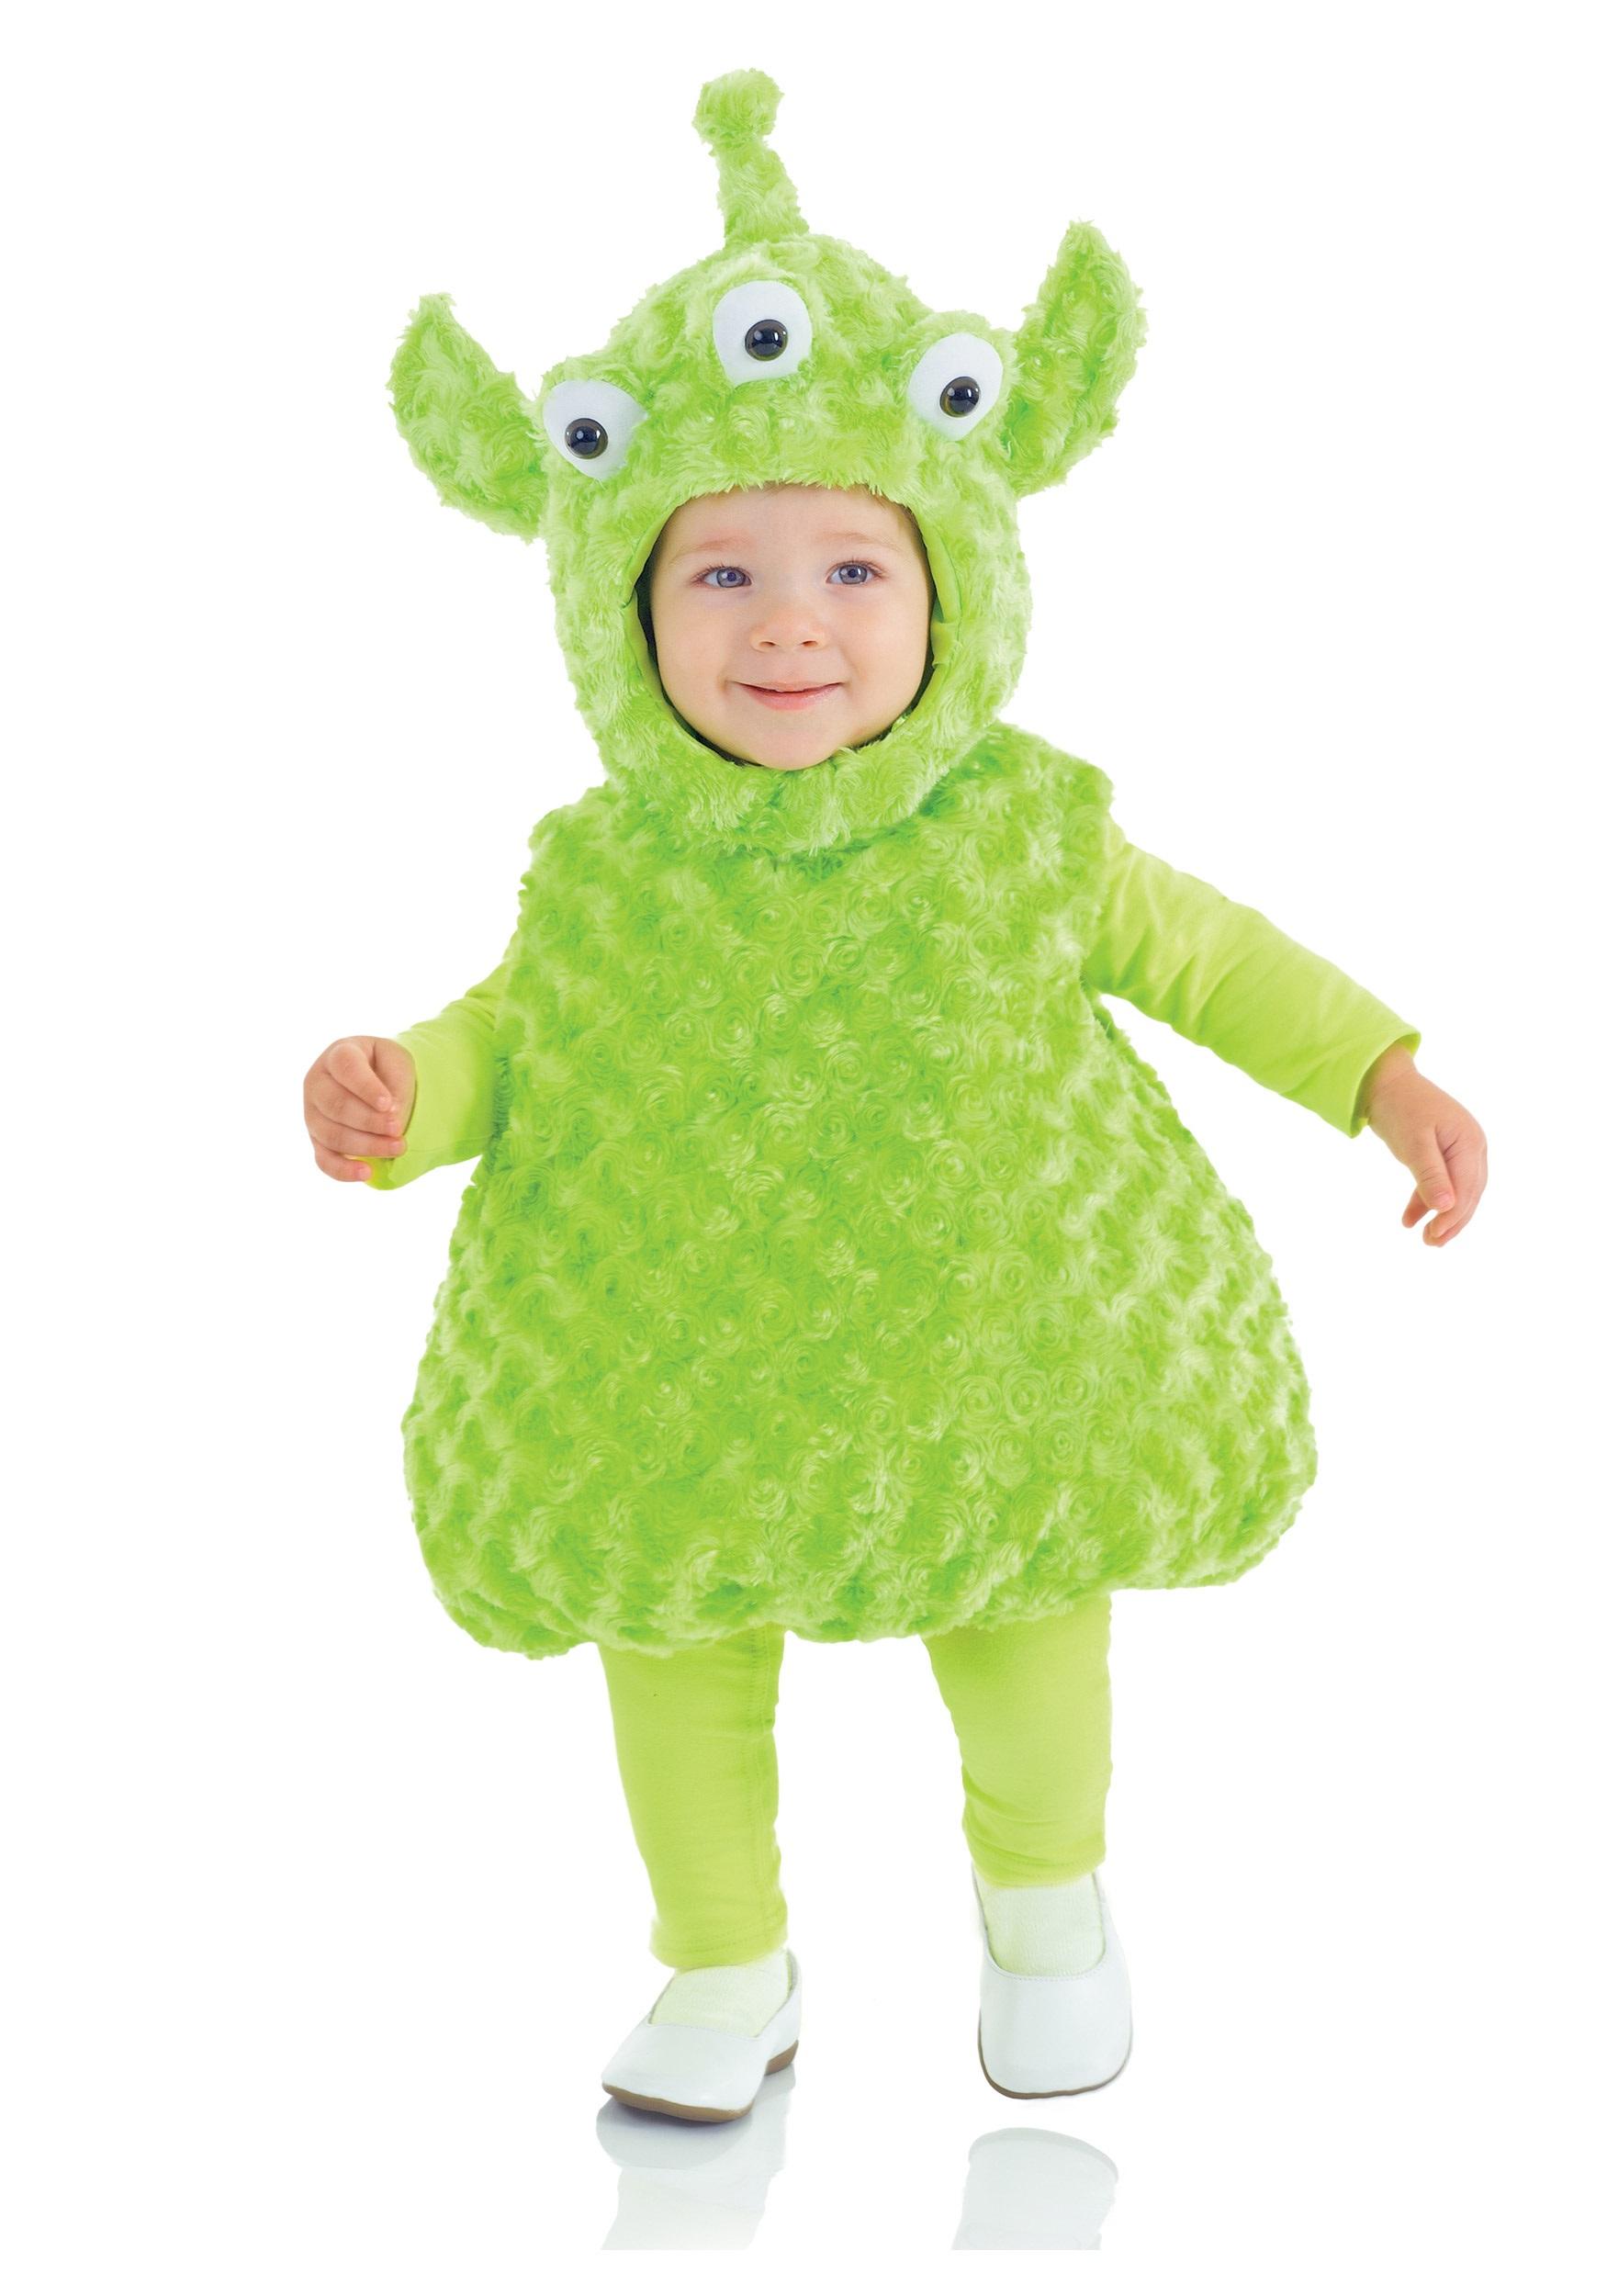 alien costumes for halloween